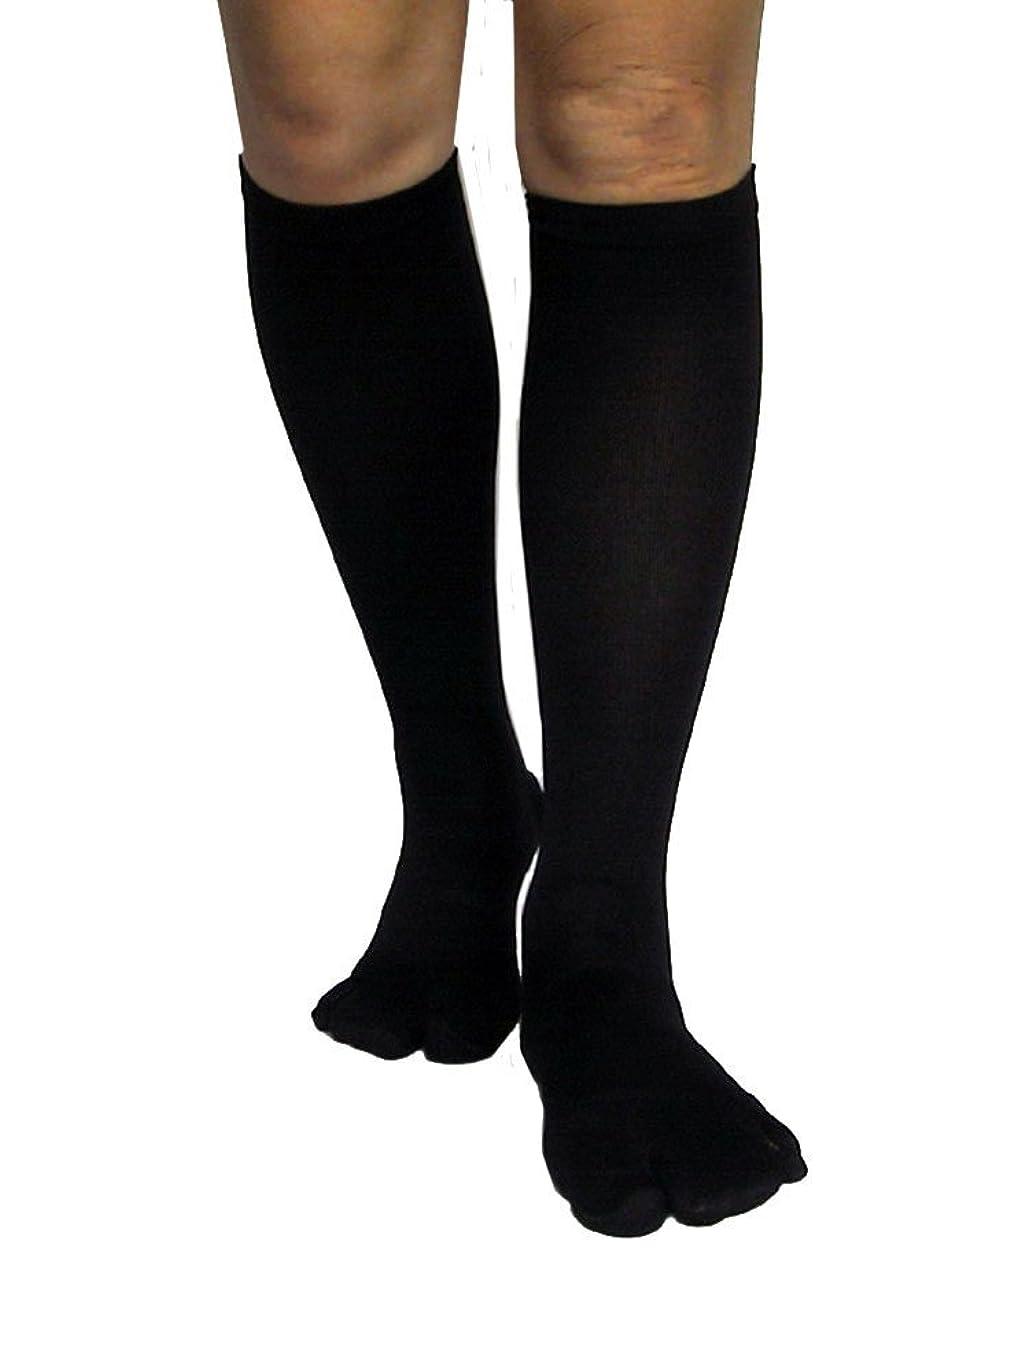 怠感被害者拒絶するカサハラ式歩行矯正ロングテーピング靴下(3本指タイプ)「黒22-24」